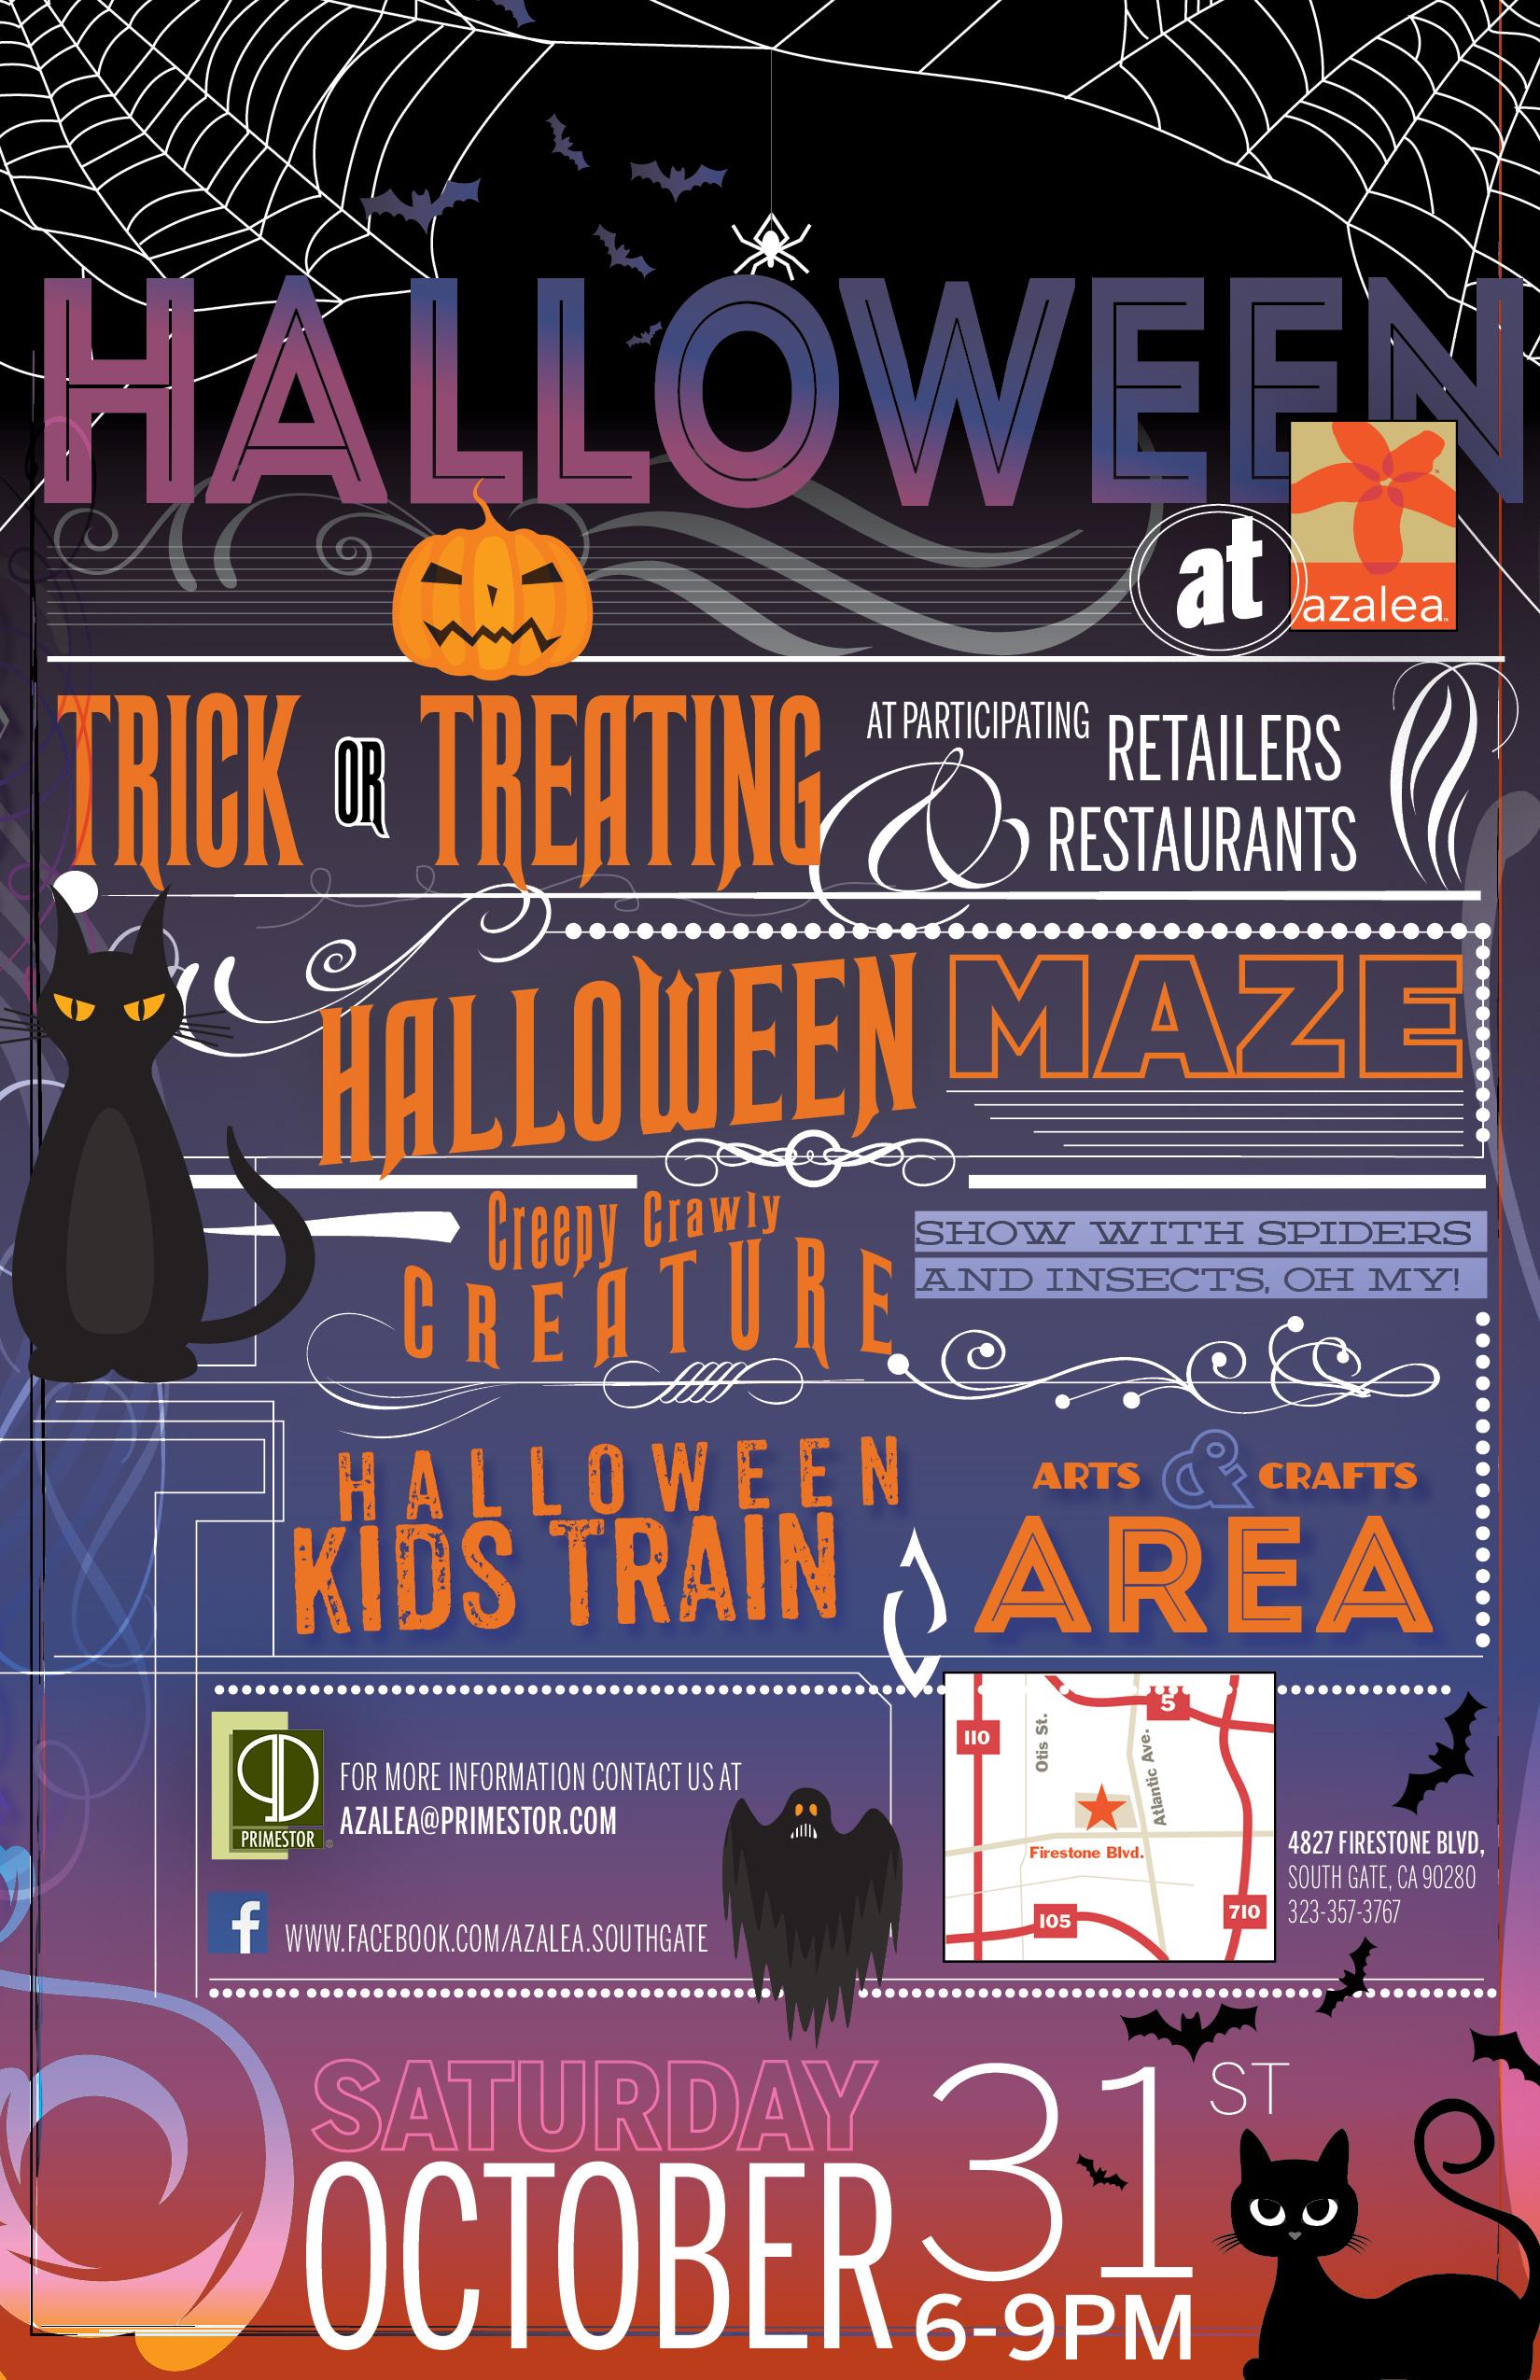 azalea Halloween 2015 Poster.jpg